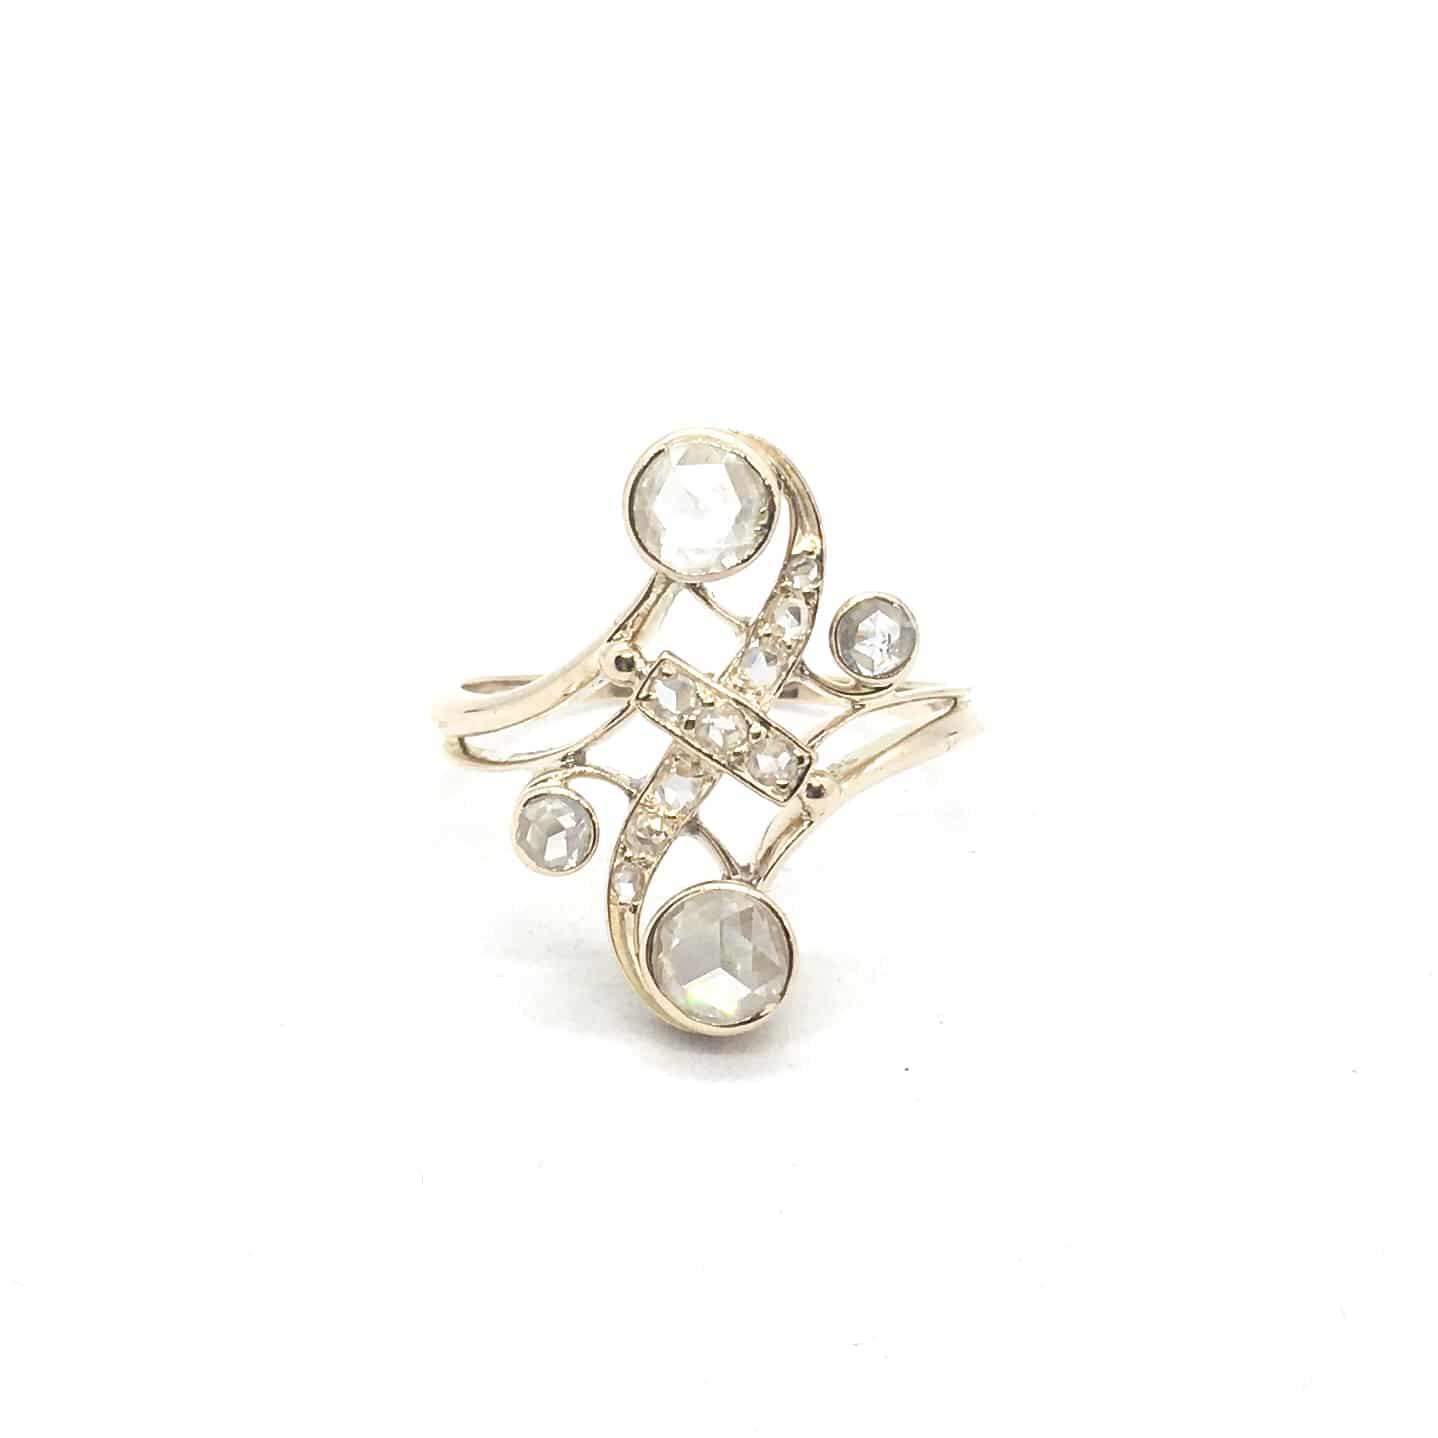 2961. Art Deco Arany Gyűrű Gyémántokkal